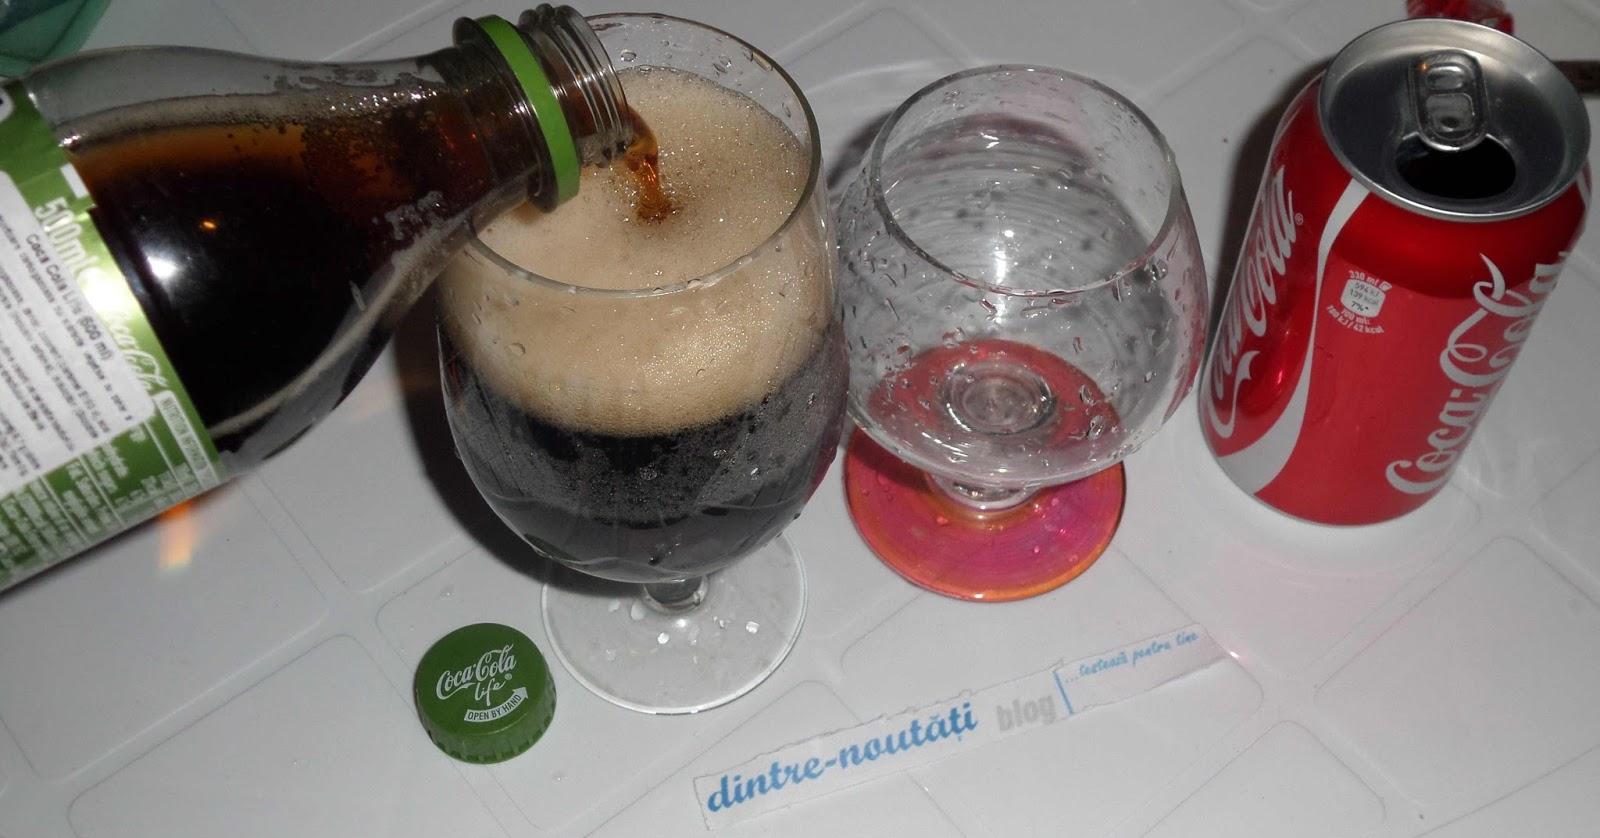 băutură răcoritoare carbogazoasă cu extracte vegetale cu zahăr și îndulcitor stevie doza si PET bidon clasic versus romania